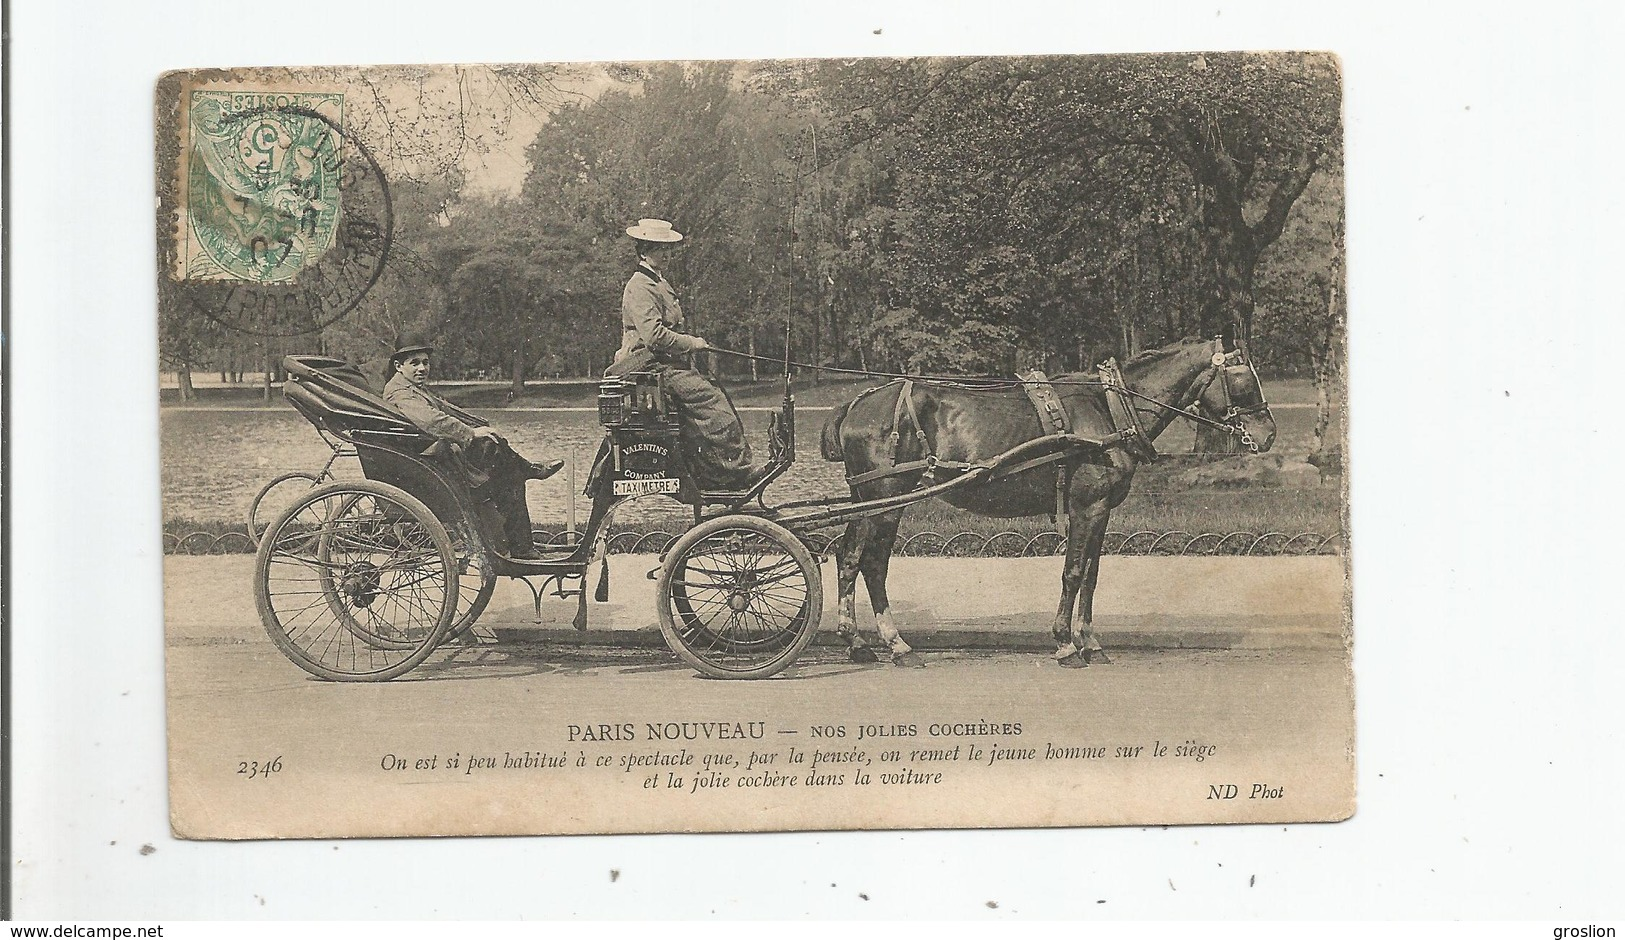 PARIS NOUVEAU 2346 NOS JOLIES COCHERES 1907 - Petits Métiers à Paris